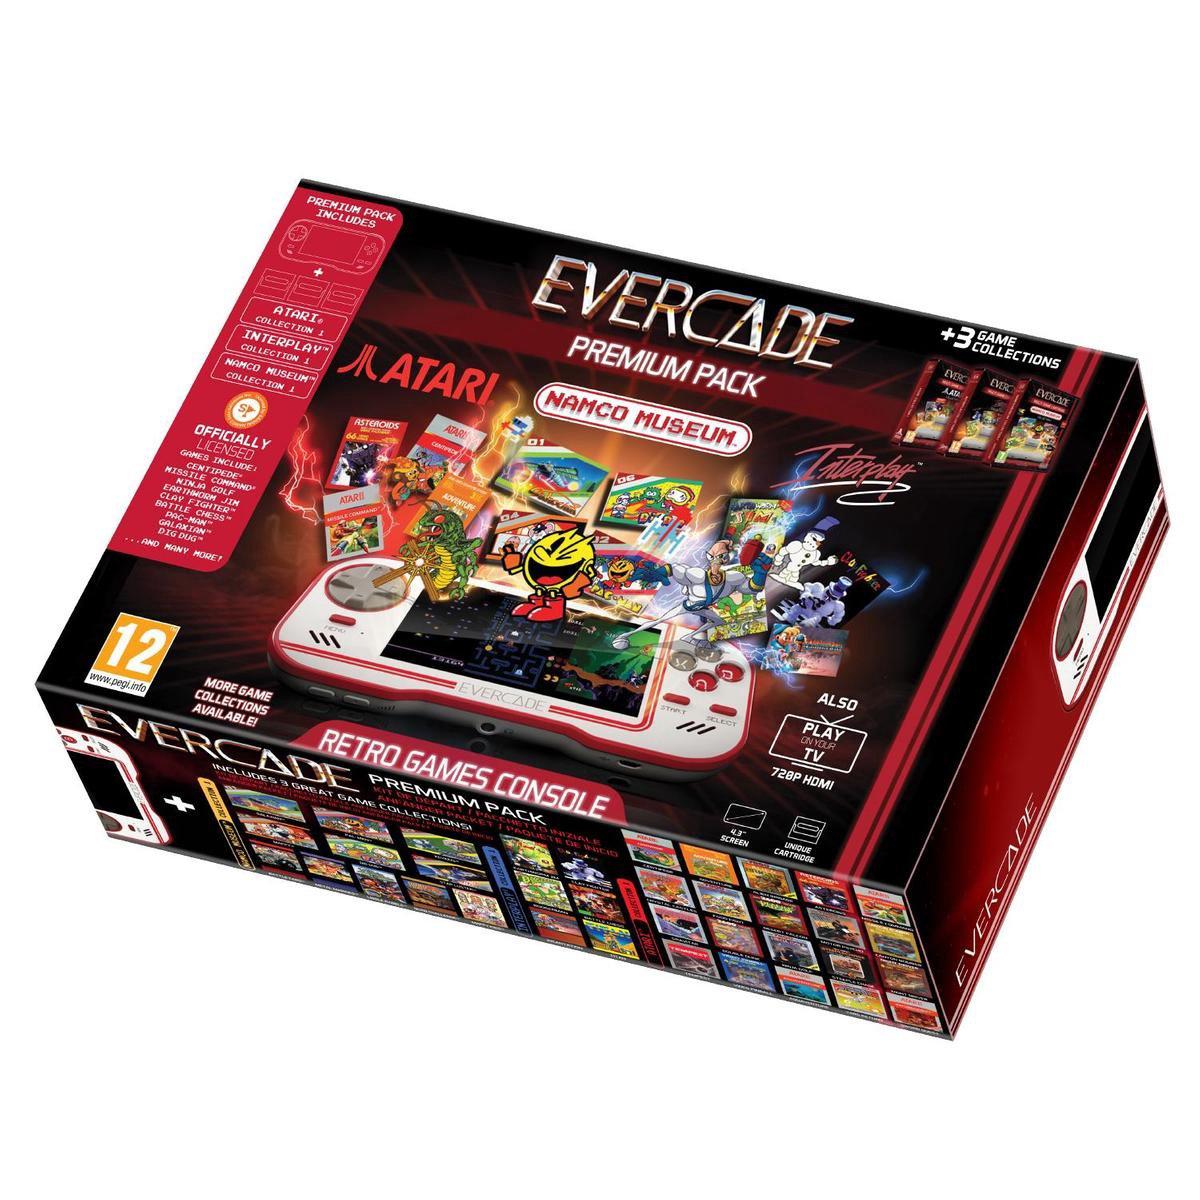 Evercade Premium Pack +3 (Handheld Console)